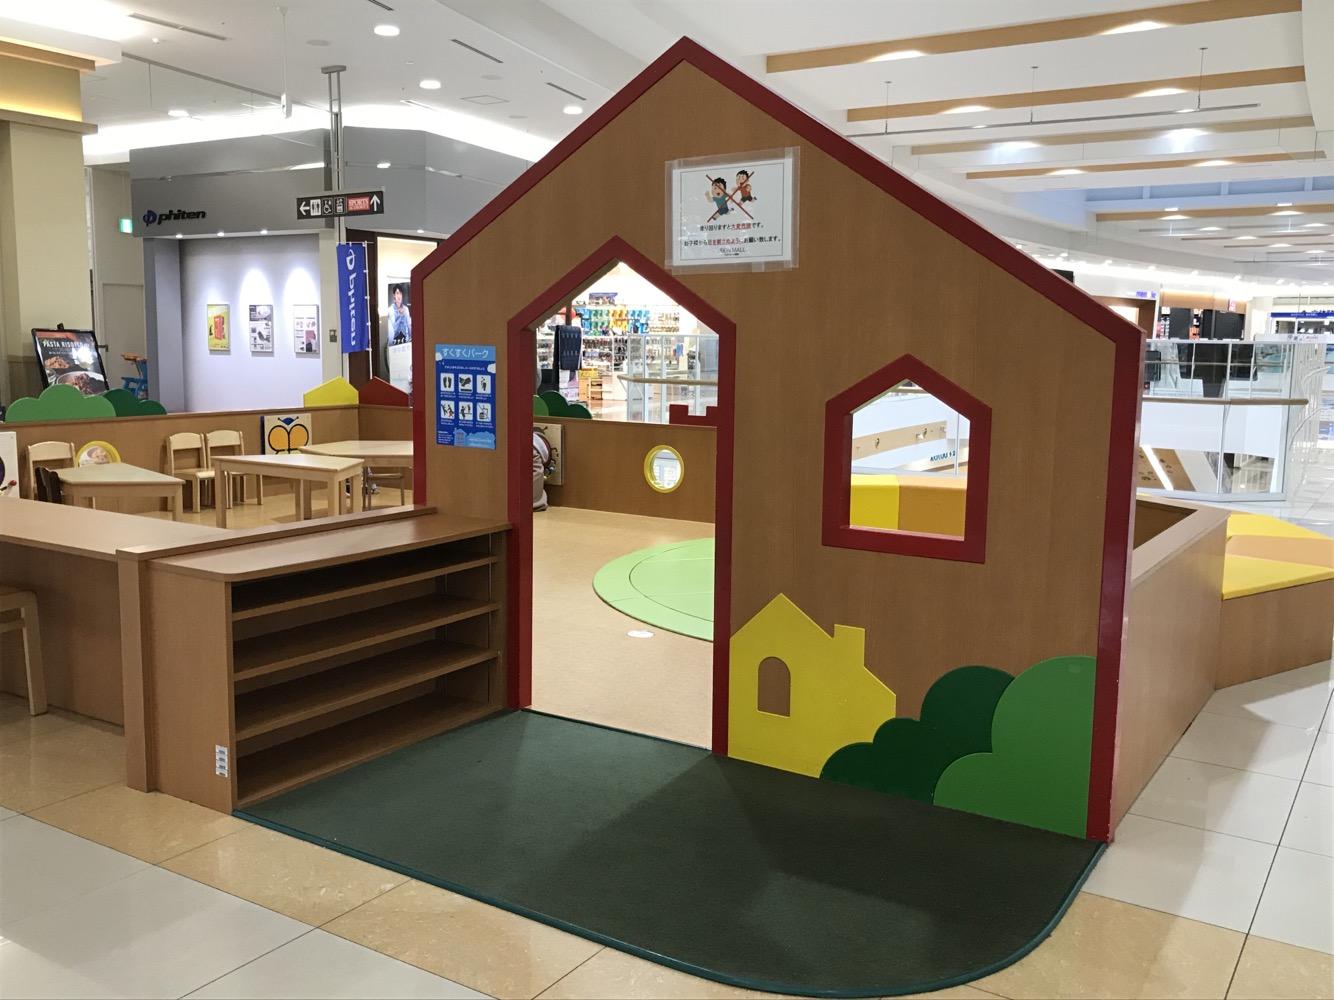 堺 市 のびのび ルーム 【大阪】堺市で有名な小学校はどこ?子育てしやすい街?